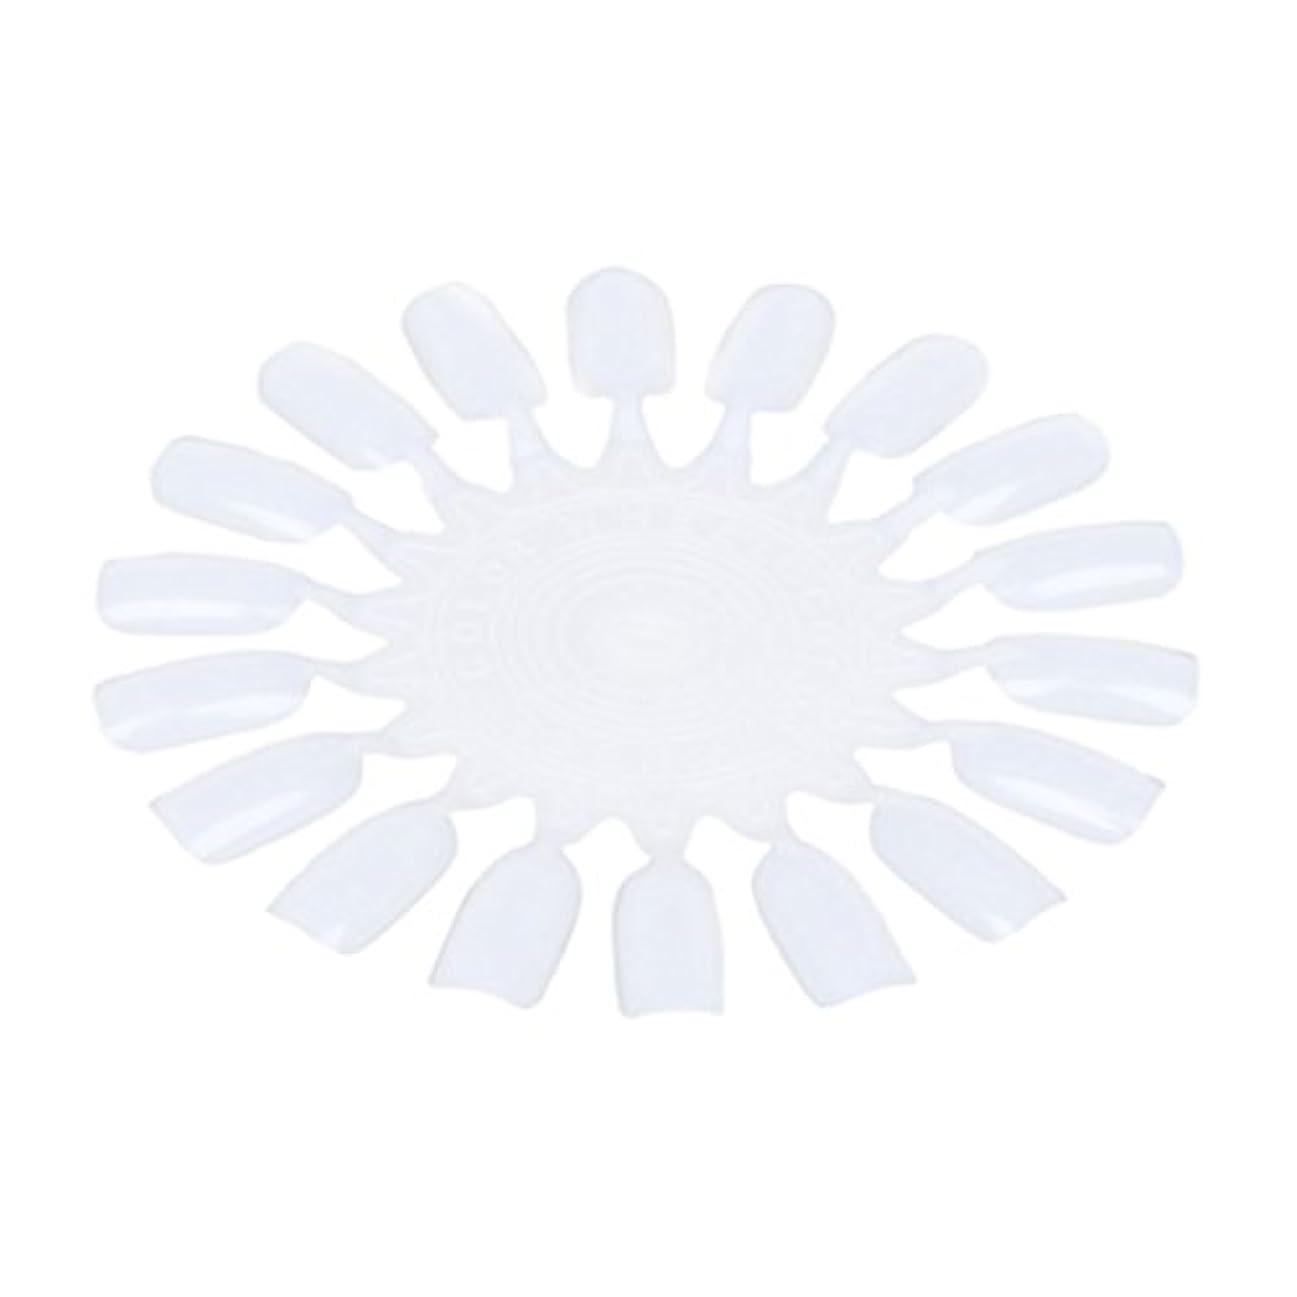 ドキドキエイリアス動機RETYLY 10個 メークアップ化粧ネイル ポーランドカラー段ボールカラーチャート18カラー ベージュ